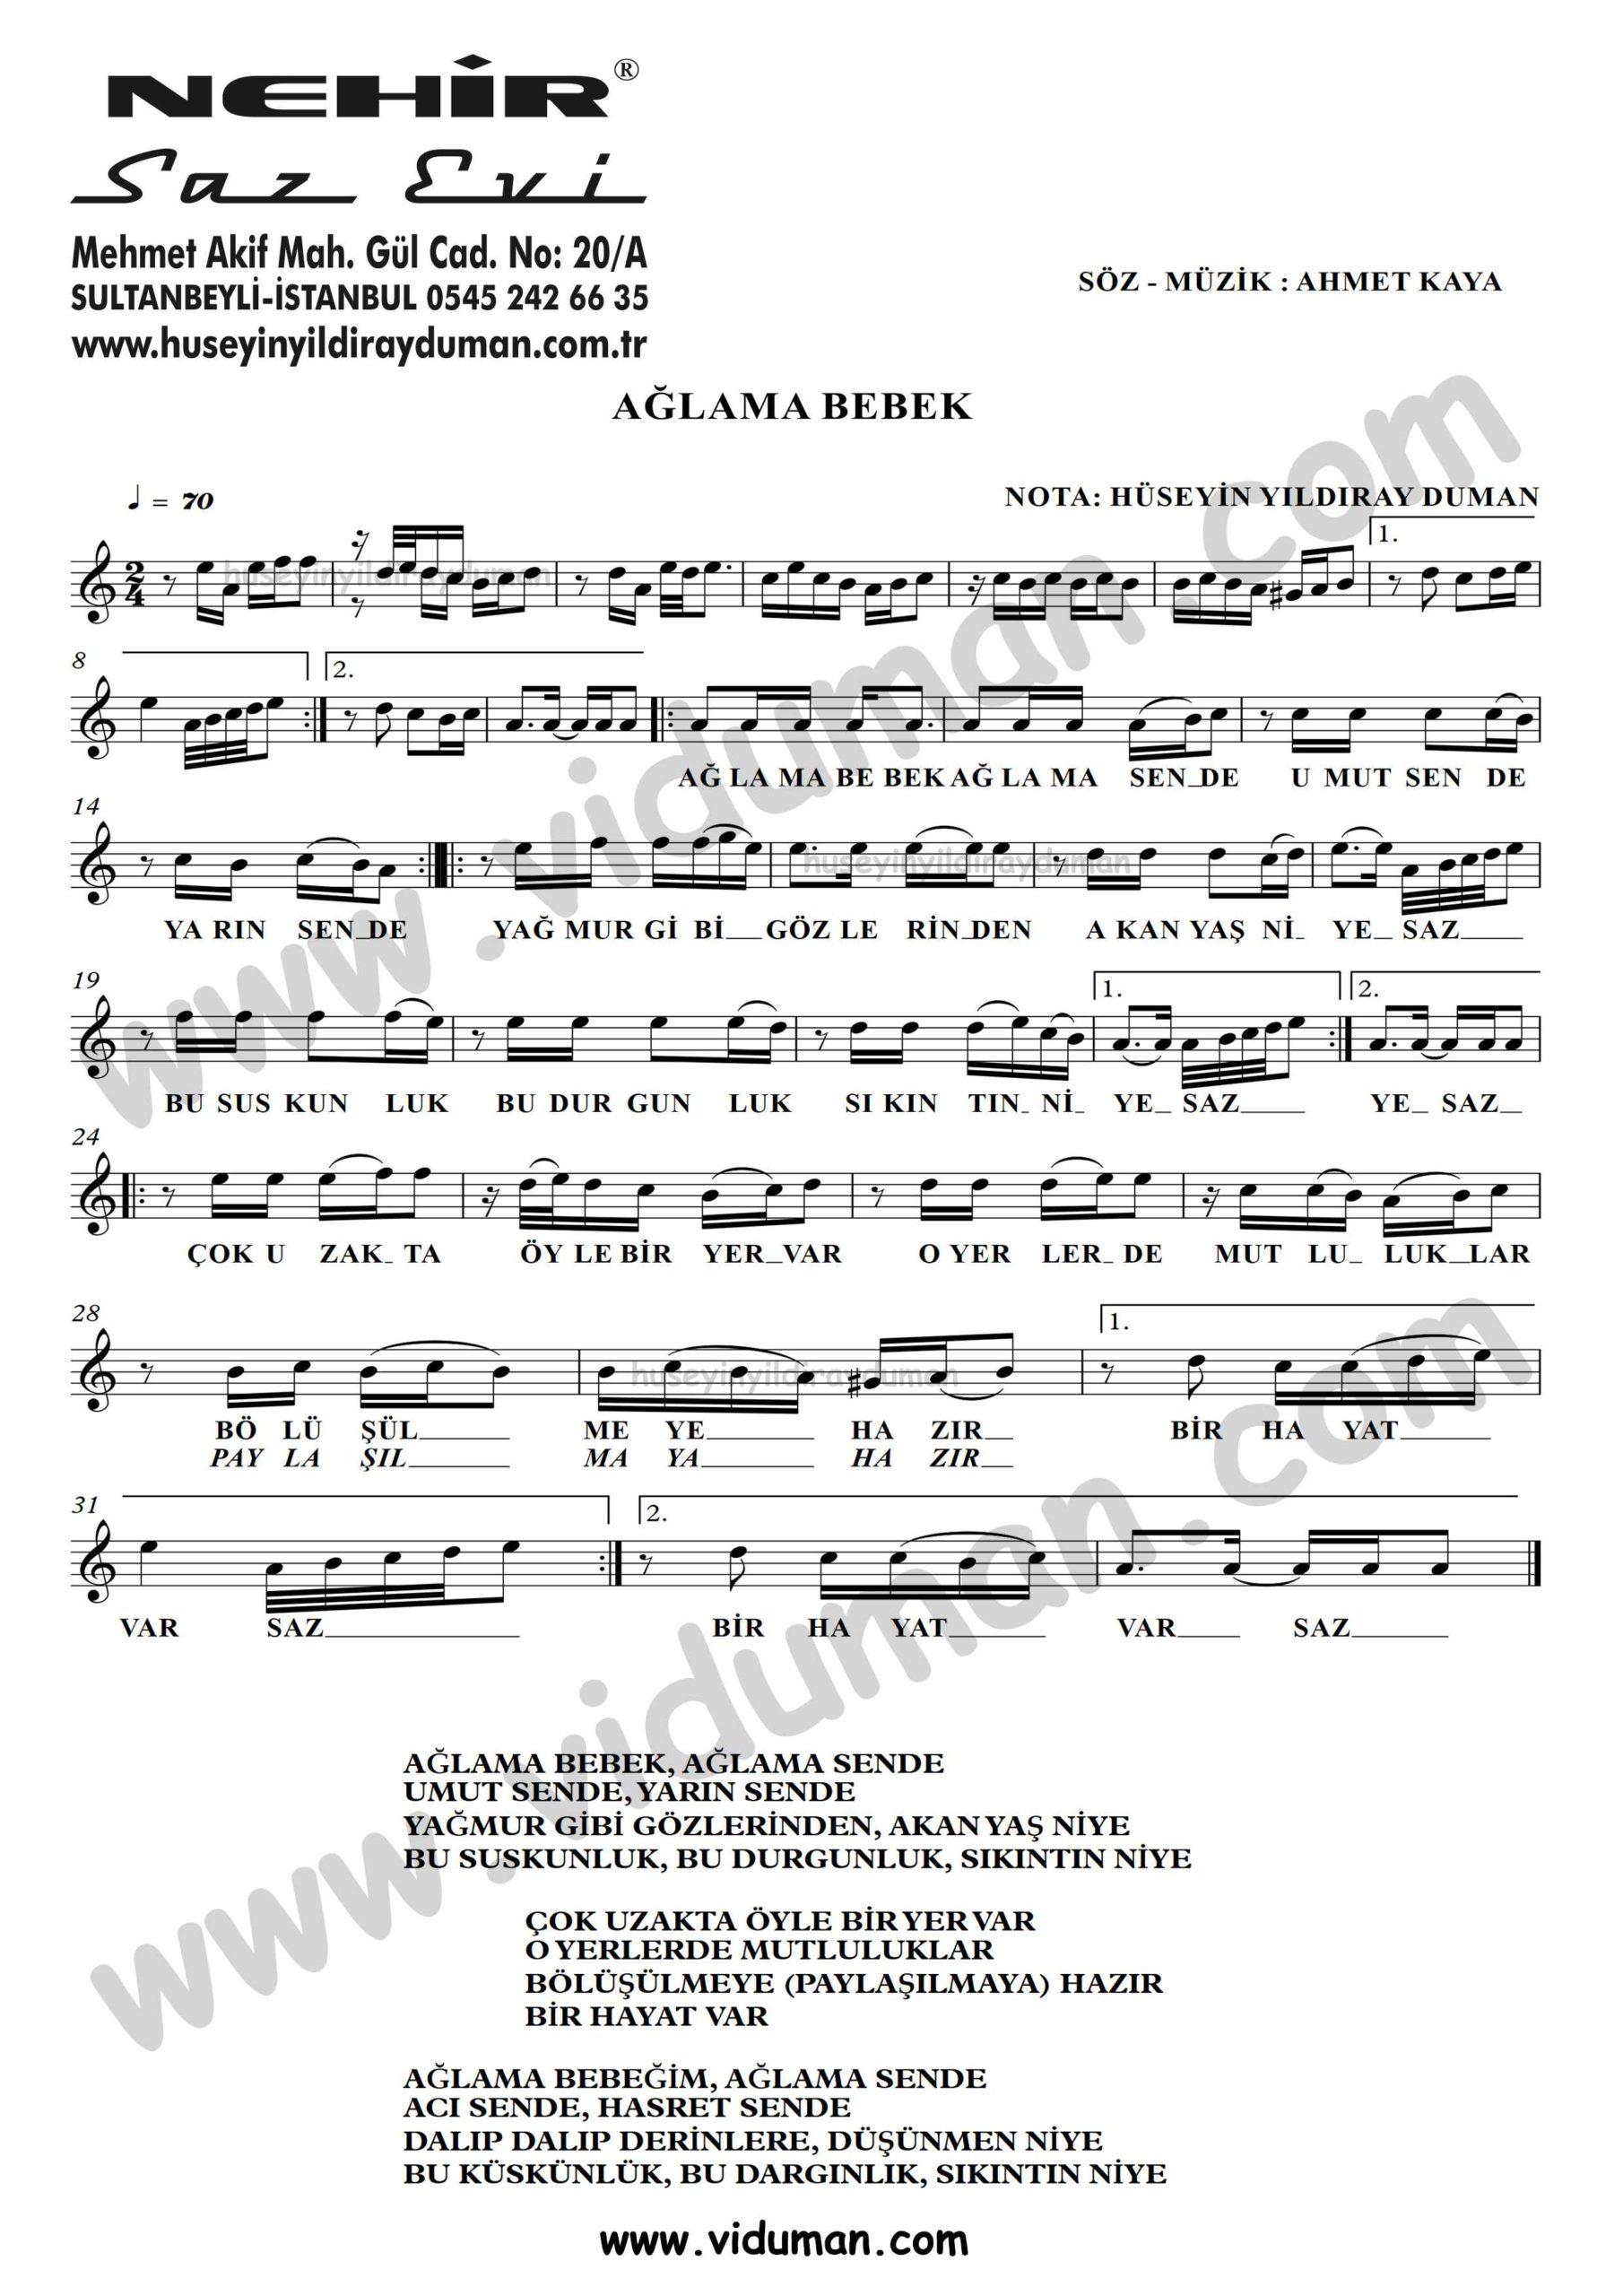 Aglama Bebek-Ahmet Kaya-Baglama-Saz-Turku-Notalari